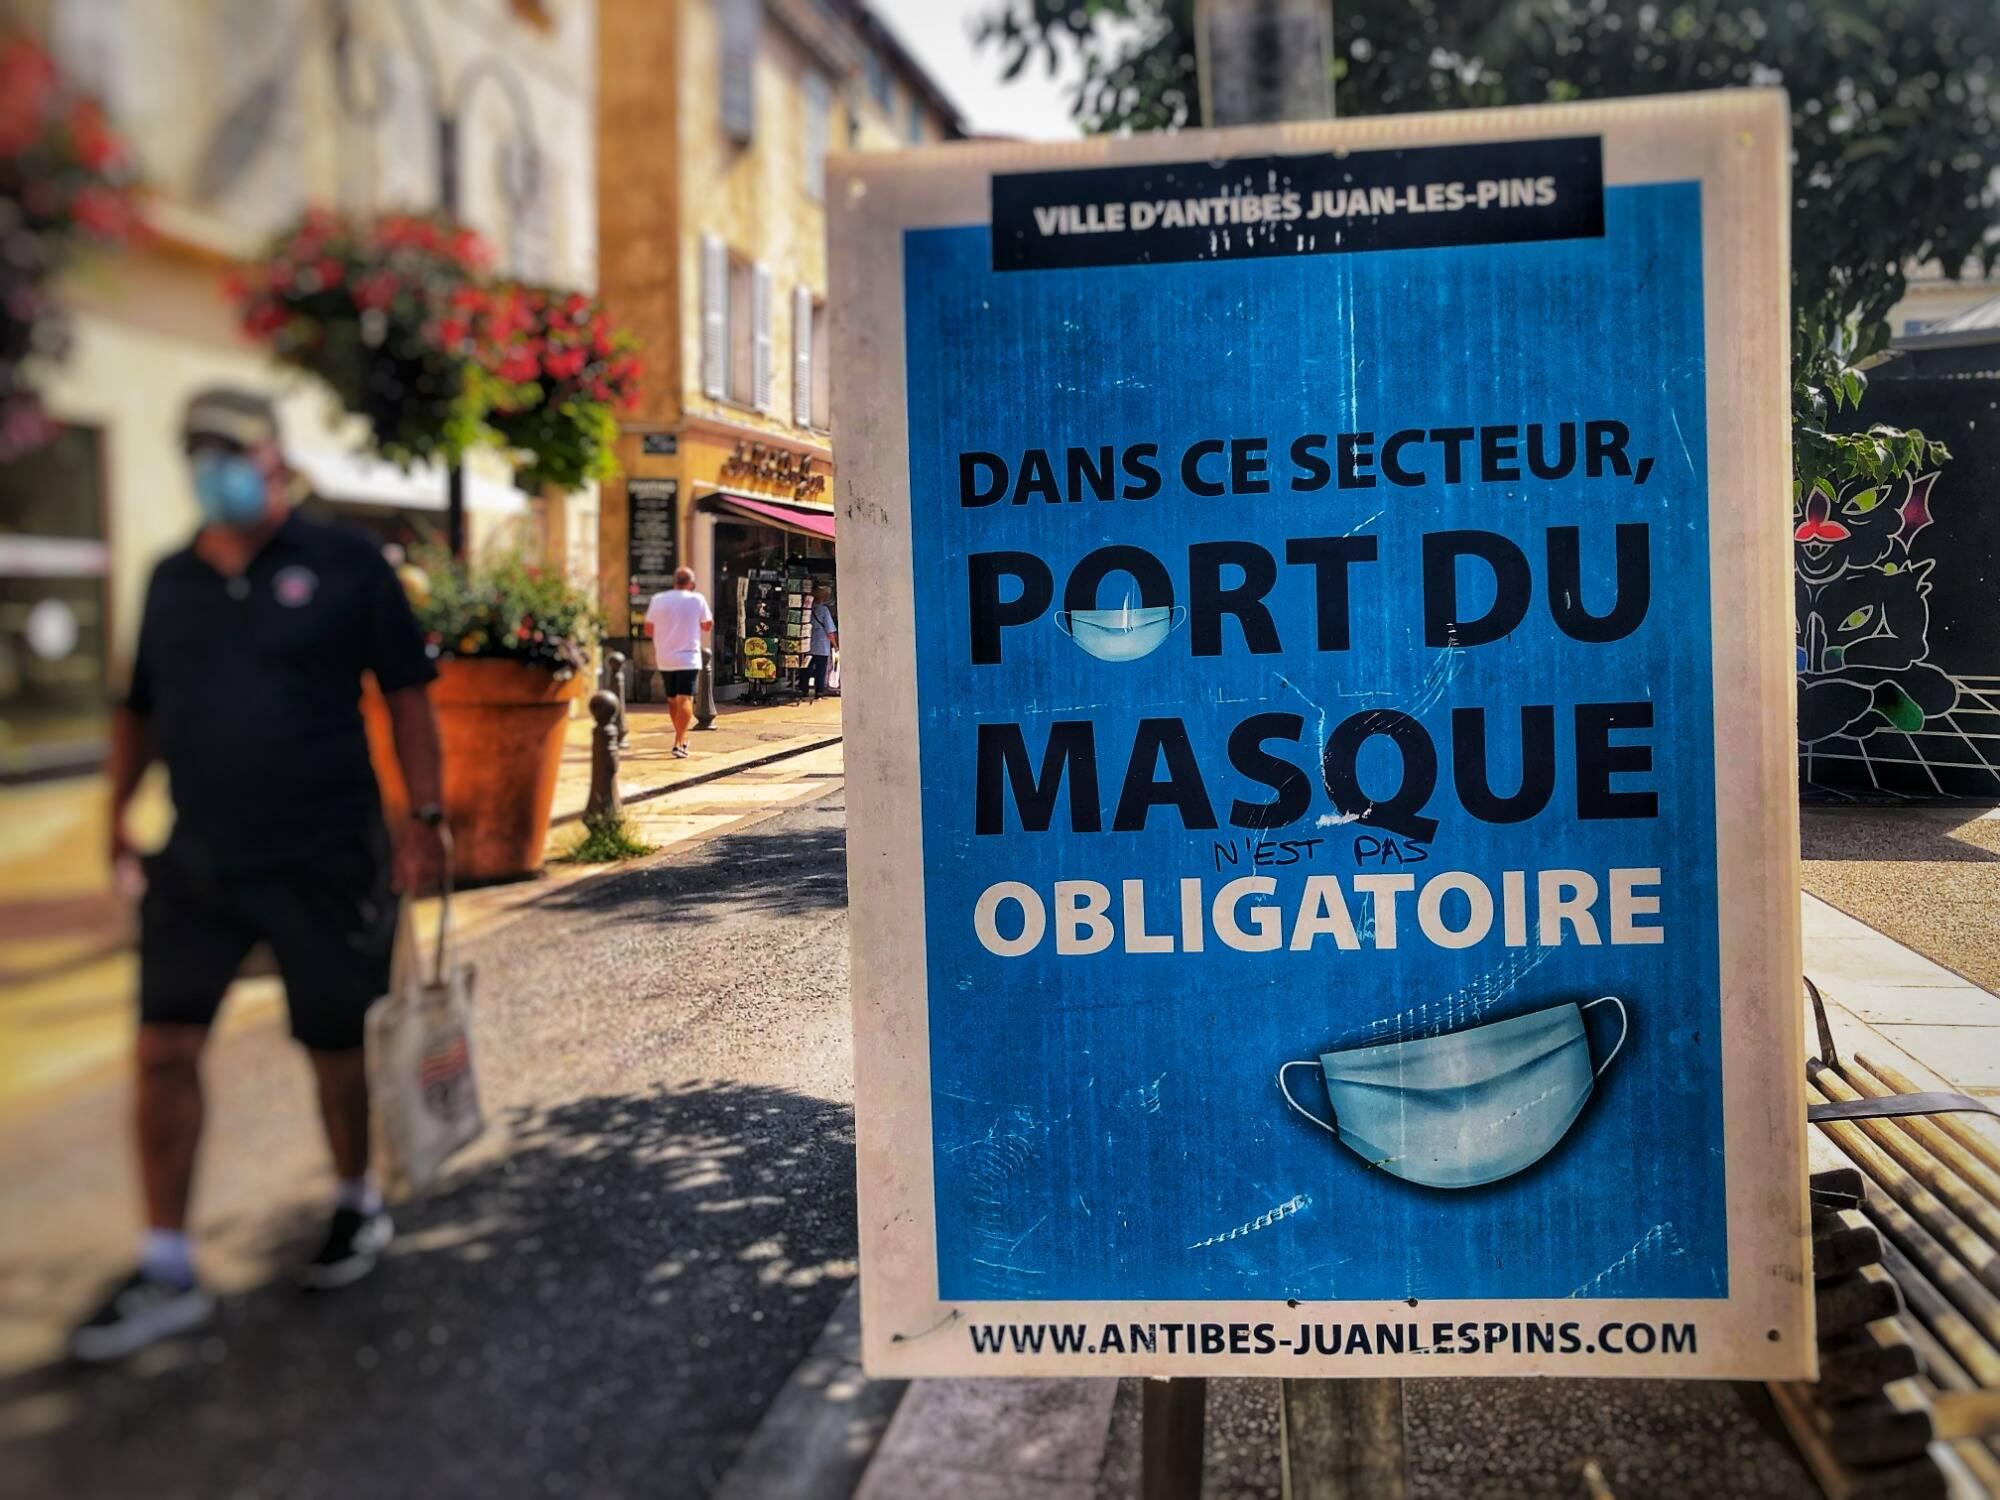 Le port du masque obligatoire prolongé jusqu'au 2 novembre dans les Alpes-Maritimes